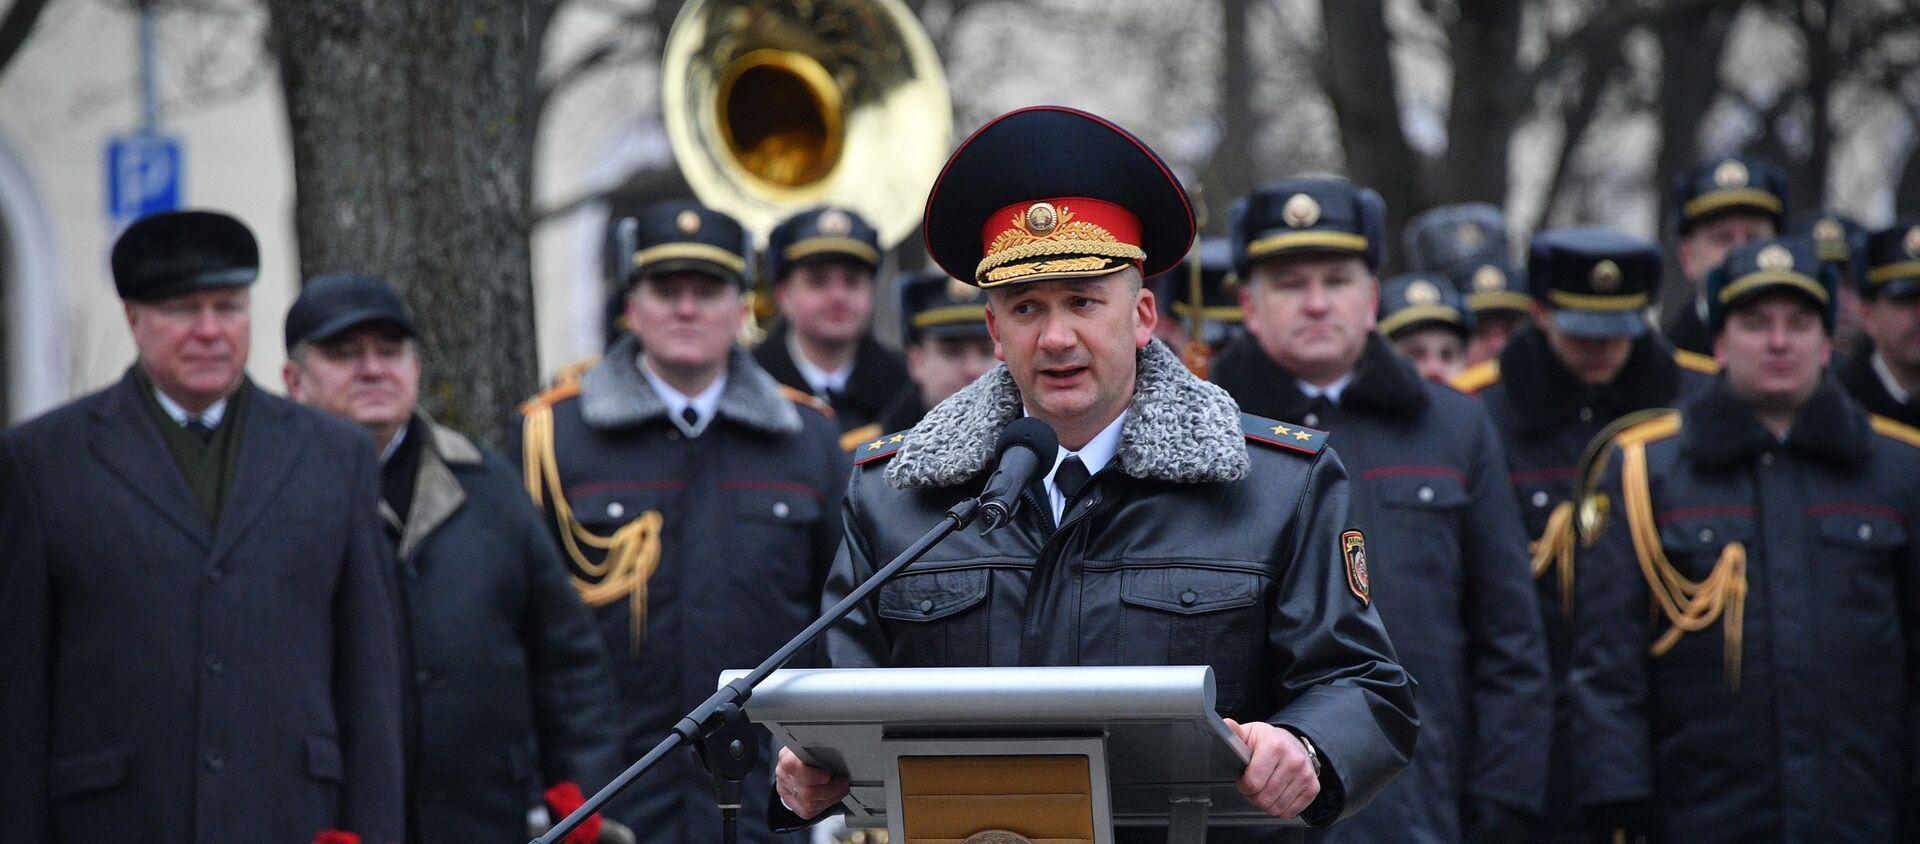 Глава МВД генерал-лейтенант Иван Кубраков - Sputnik Беларусь, 1920, 04.03.2021